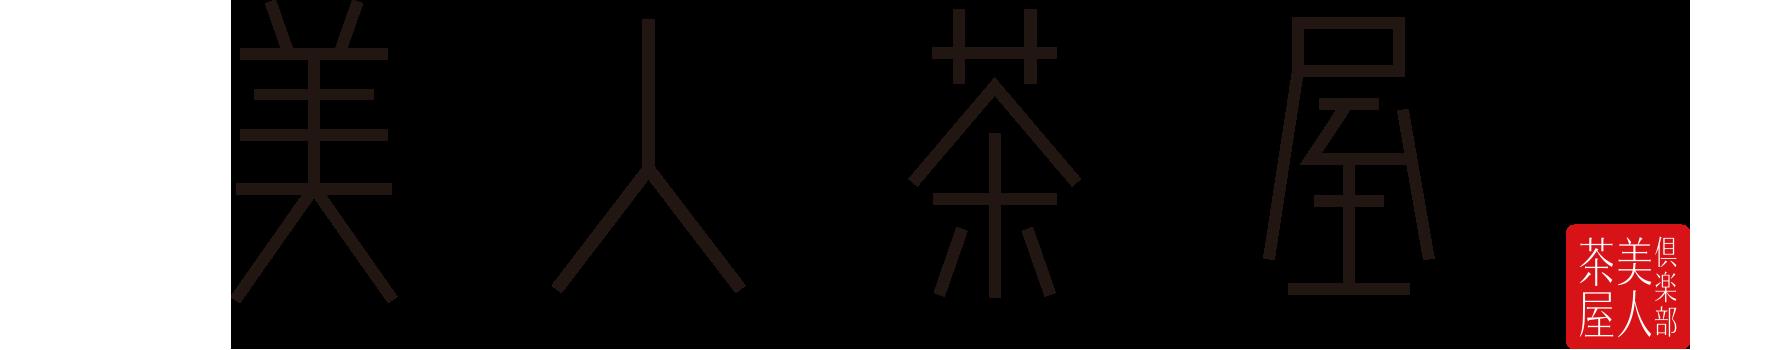 美人茶屋【ビジンチャヤ】(六本木)のロゴ